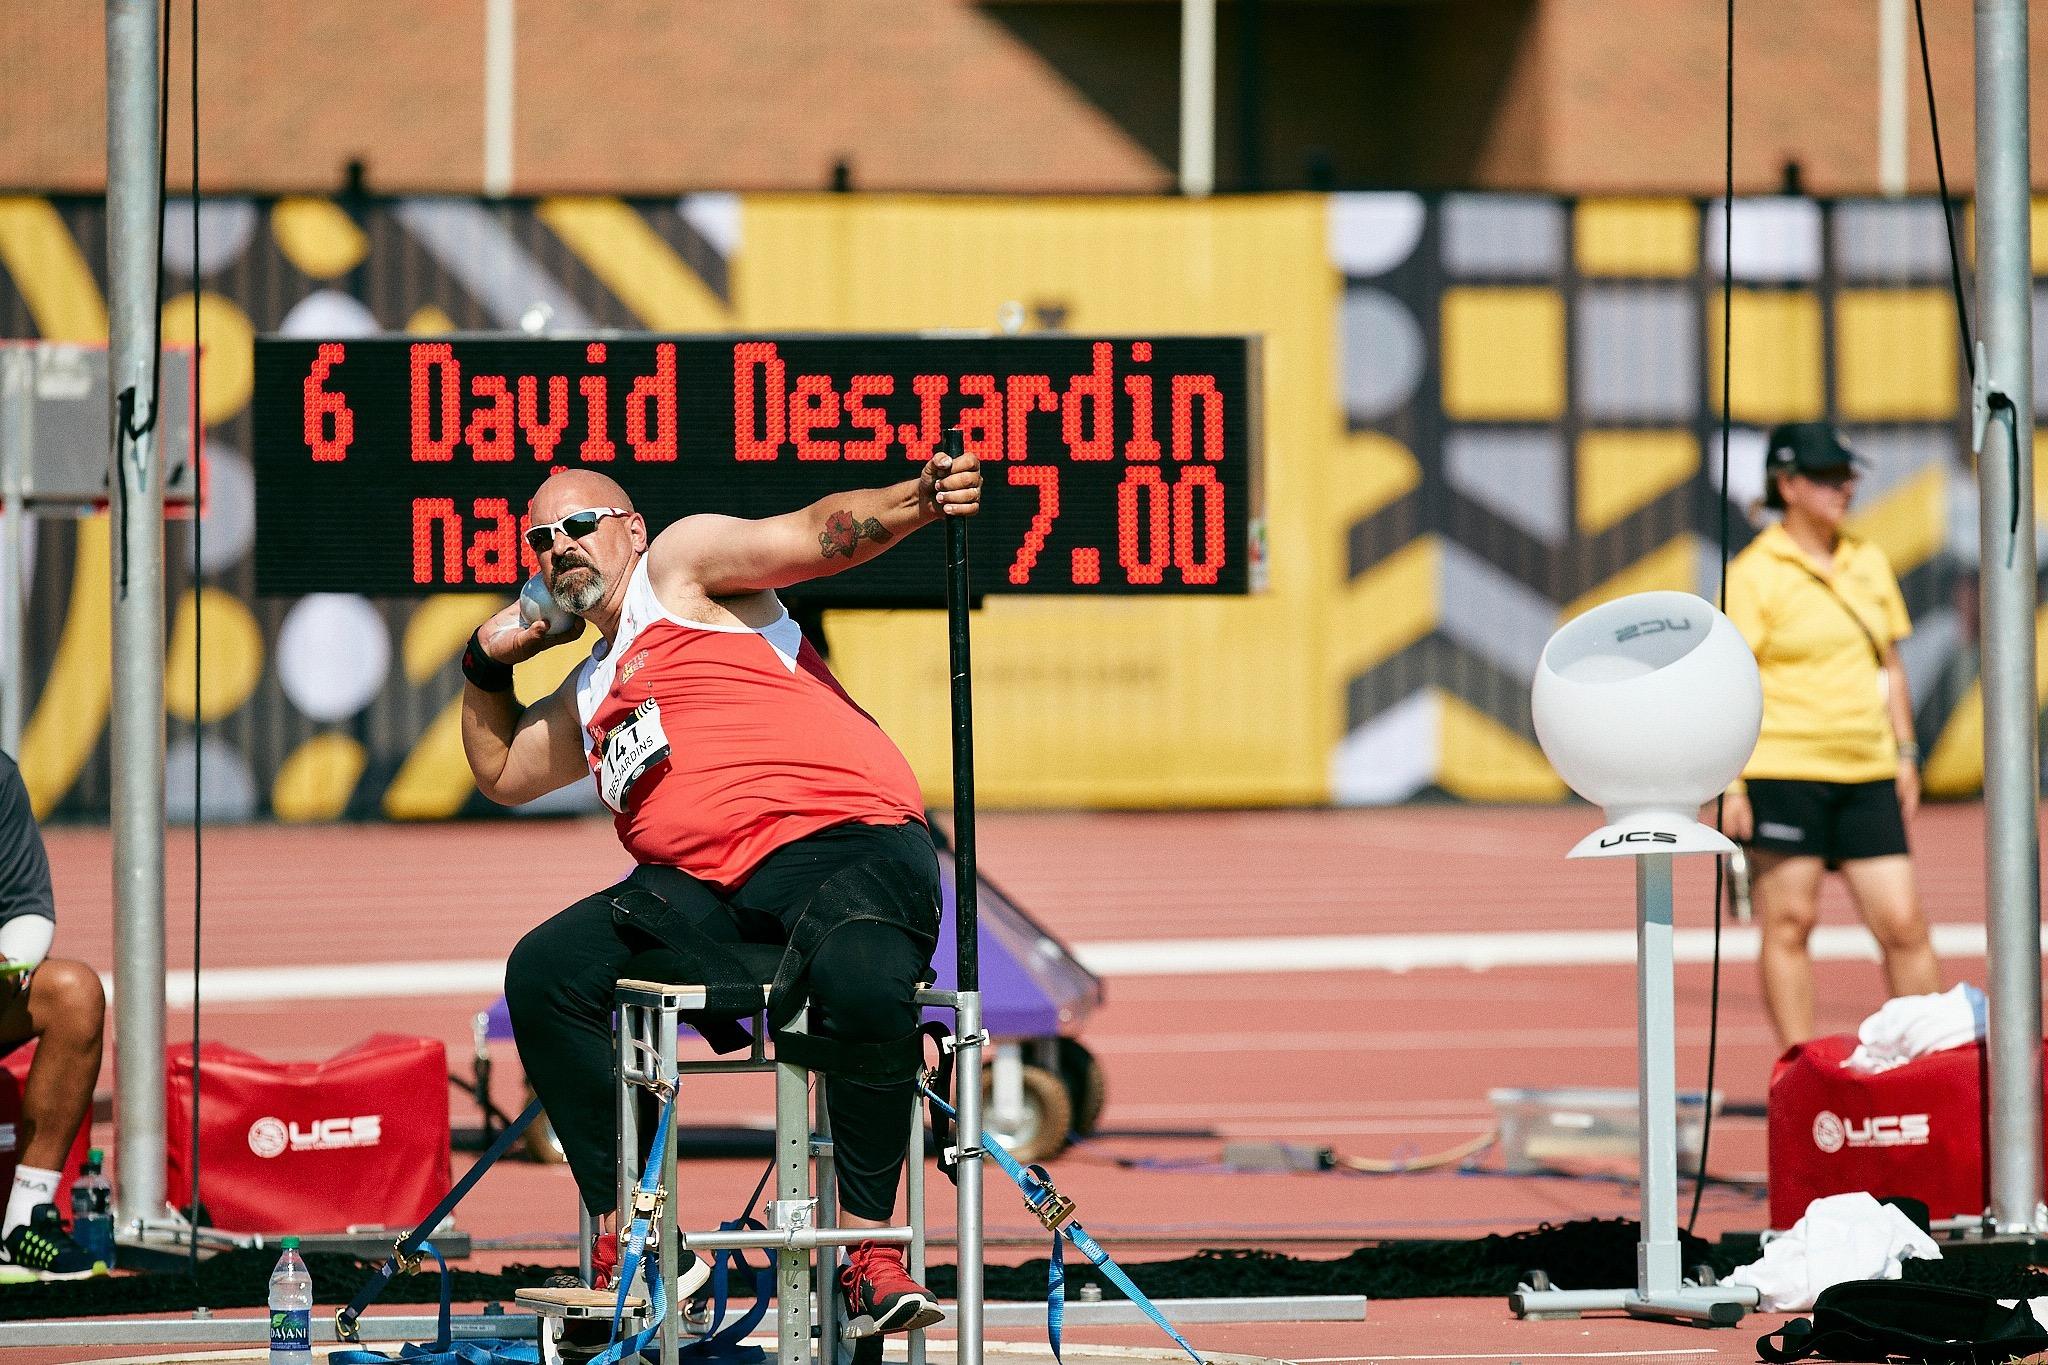 Dave Desjardins